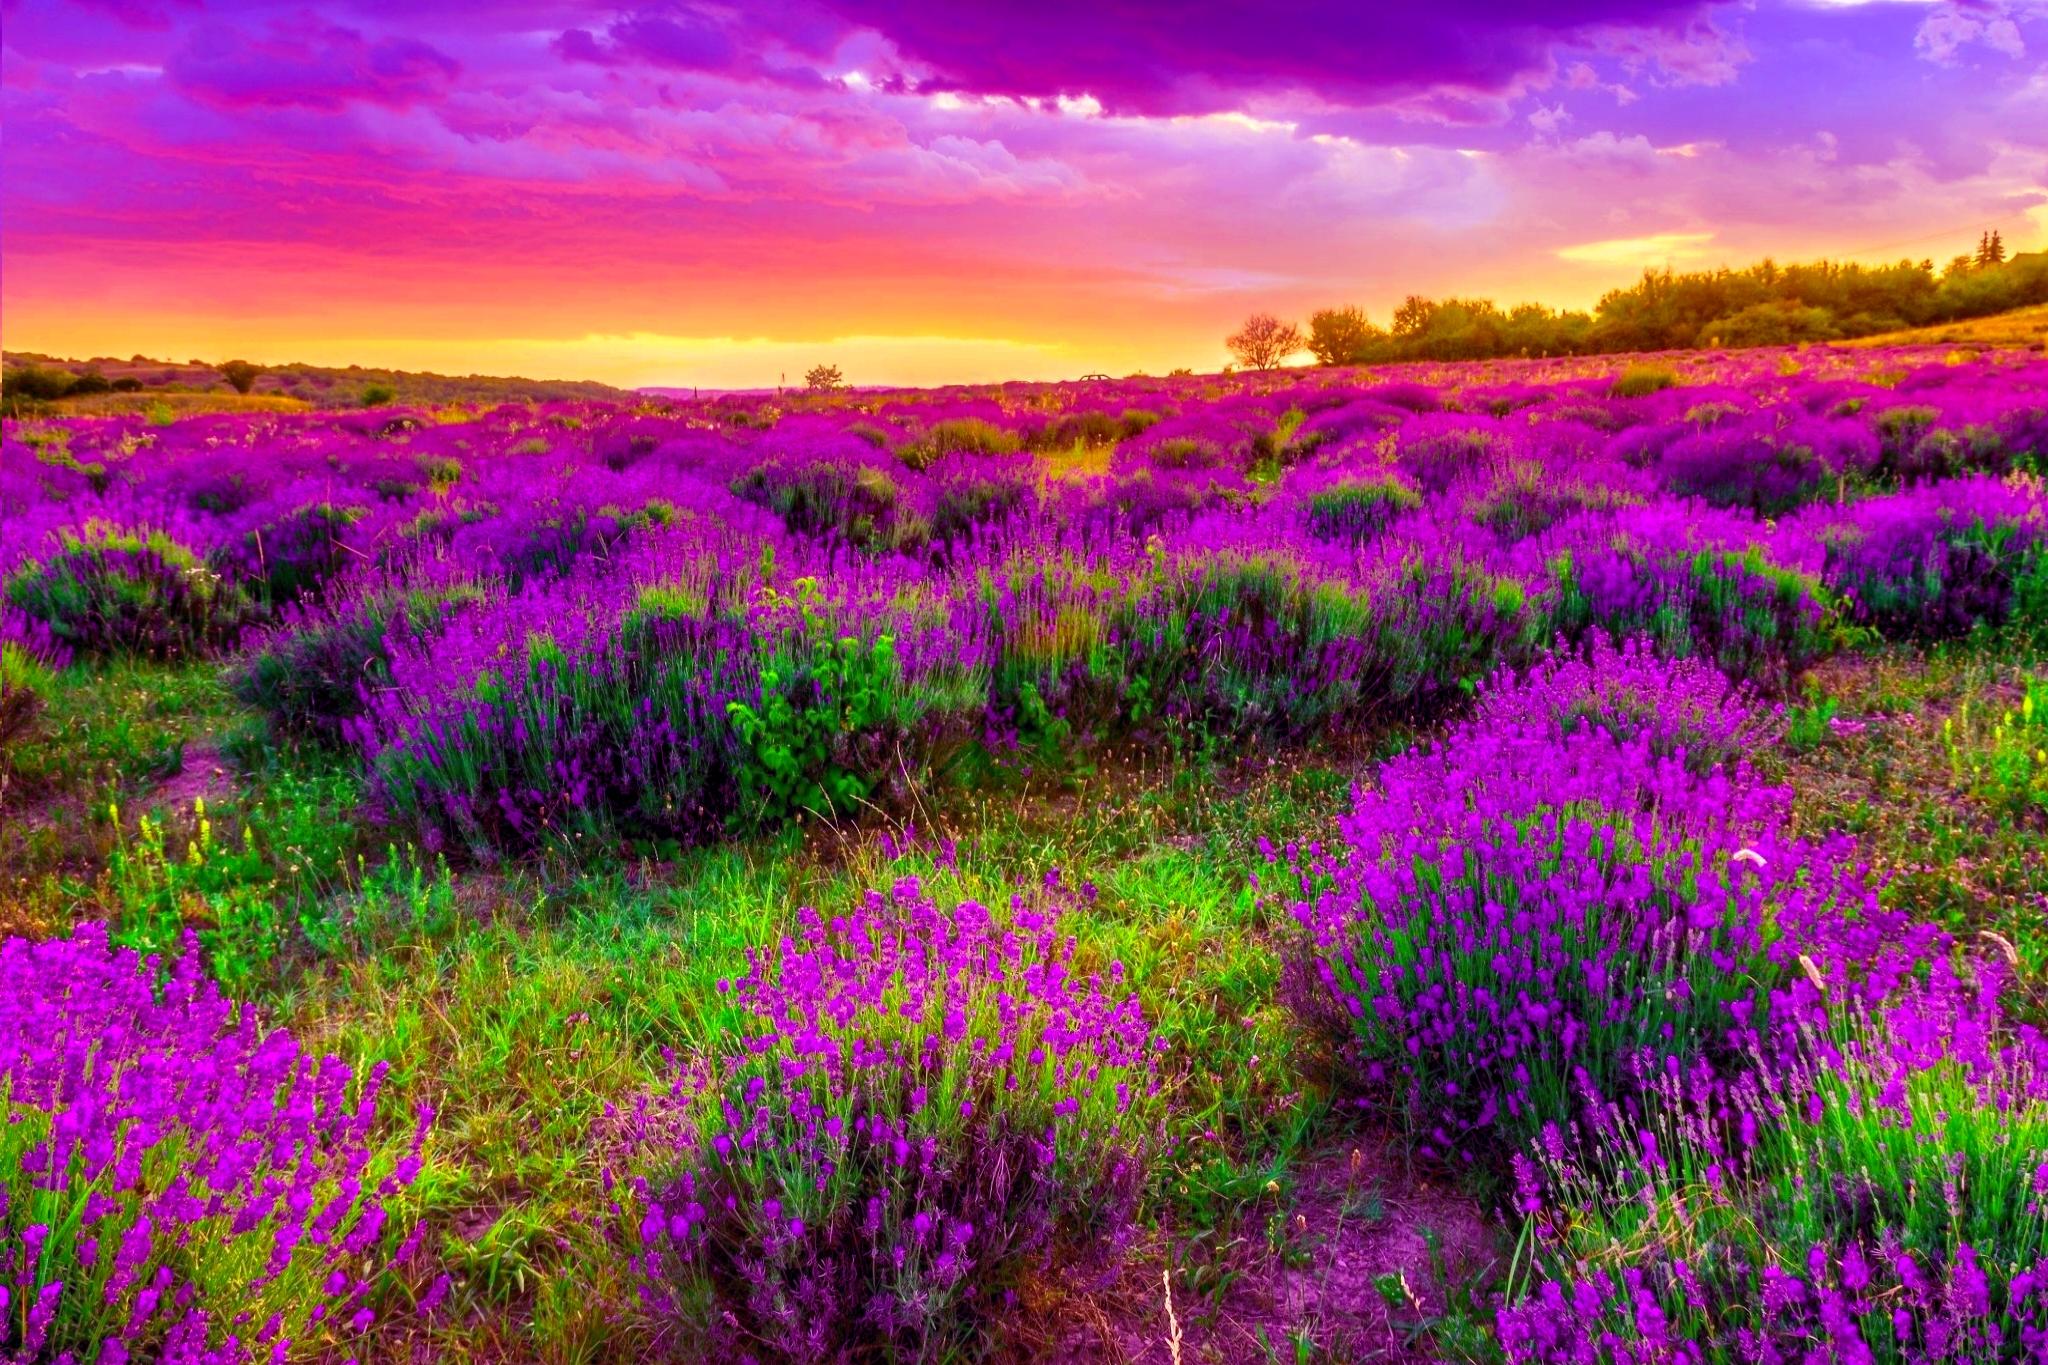 Hình ảnh vườn hoa tím mùa xuân đẹp